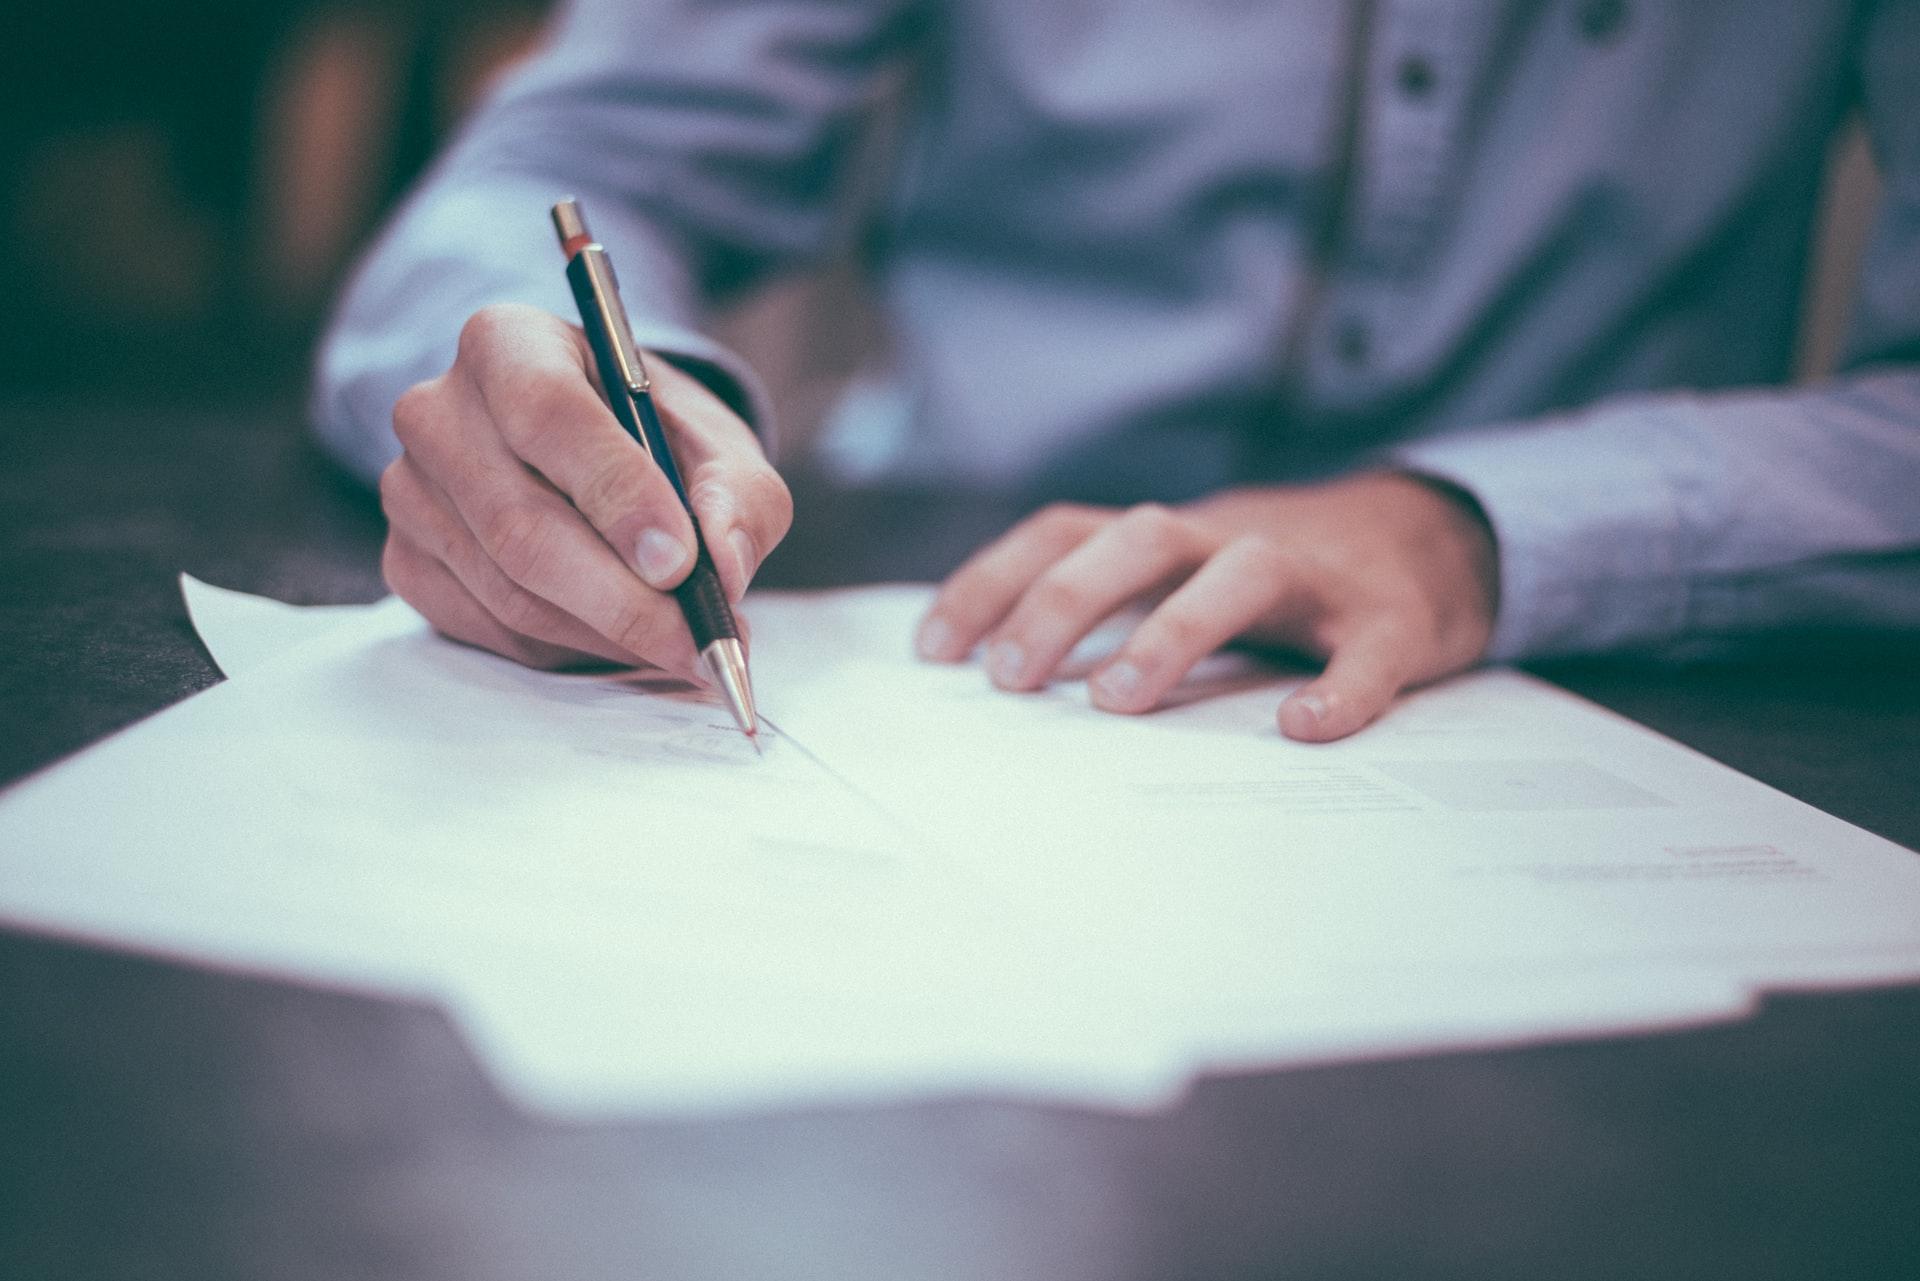 Muž podpisuje dokument